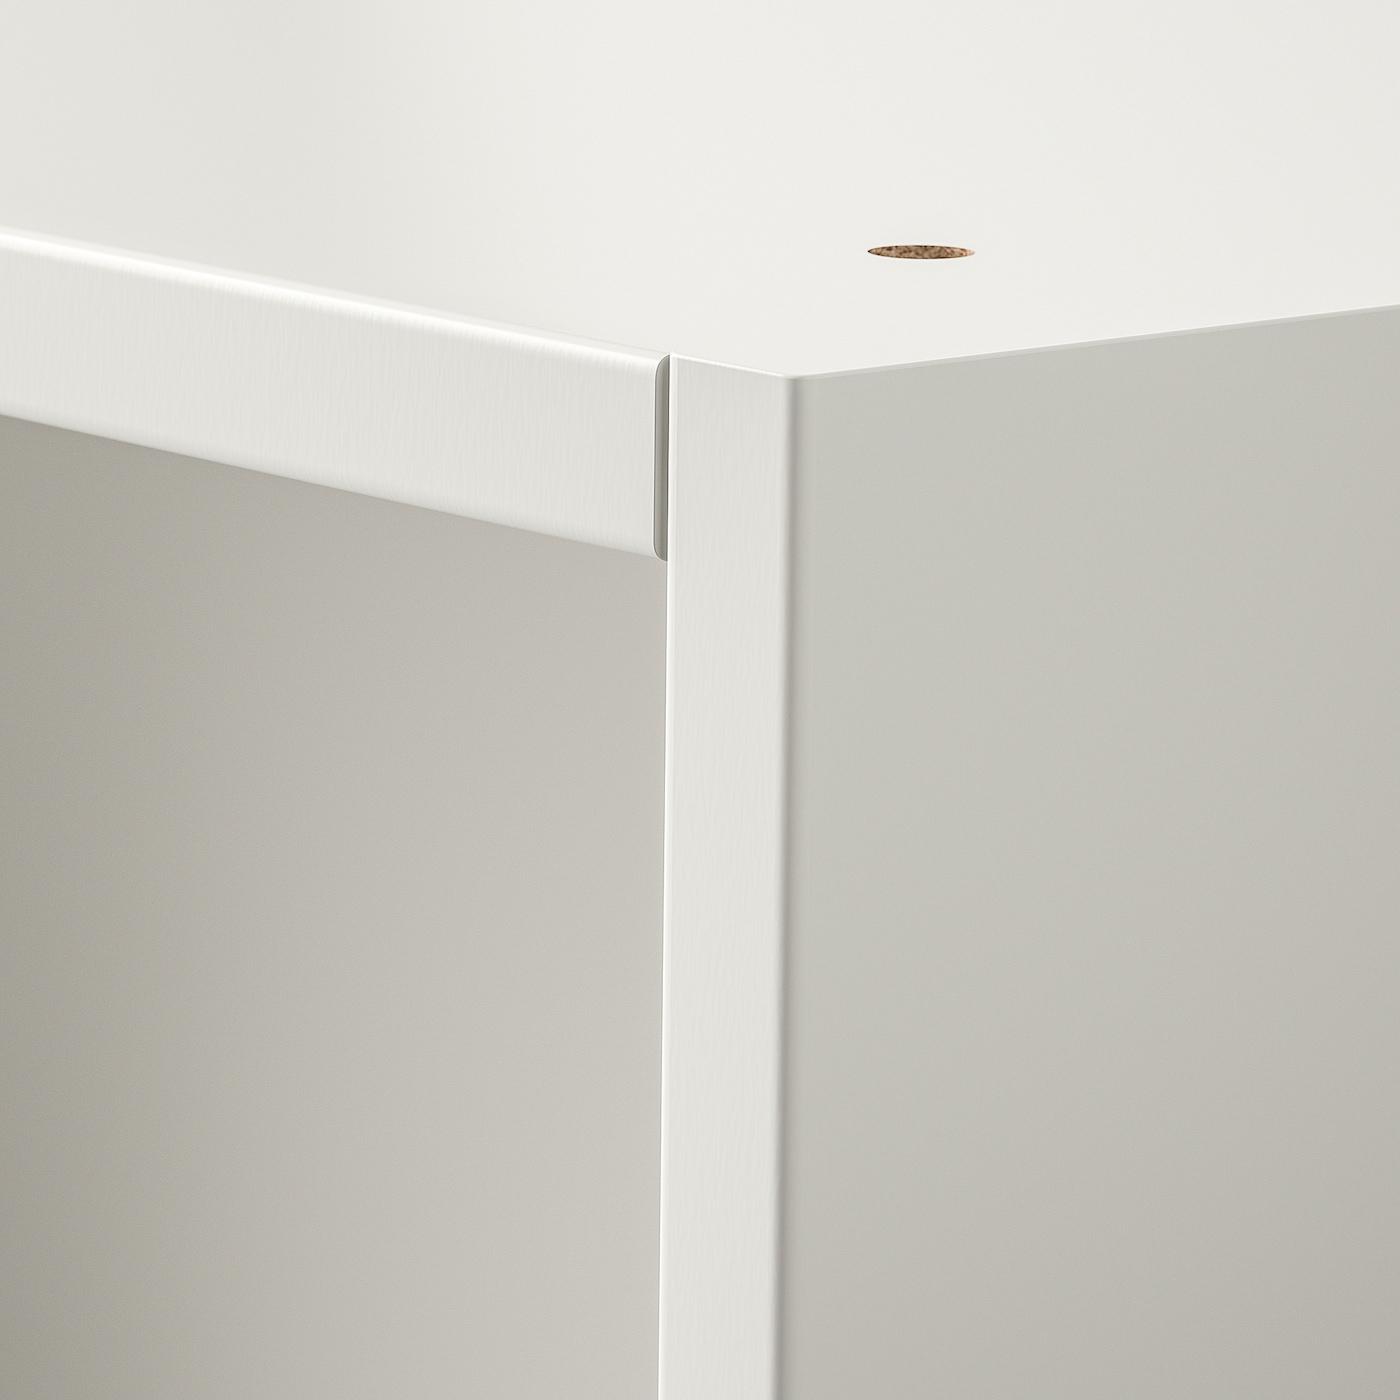 PAX هيكل دولاب ملابس, أبيض, 100x58x236 سم